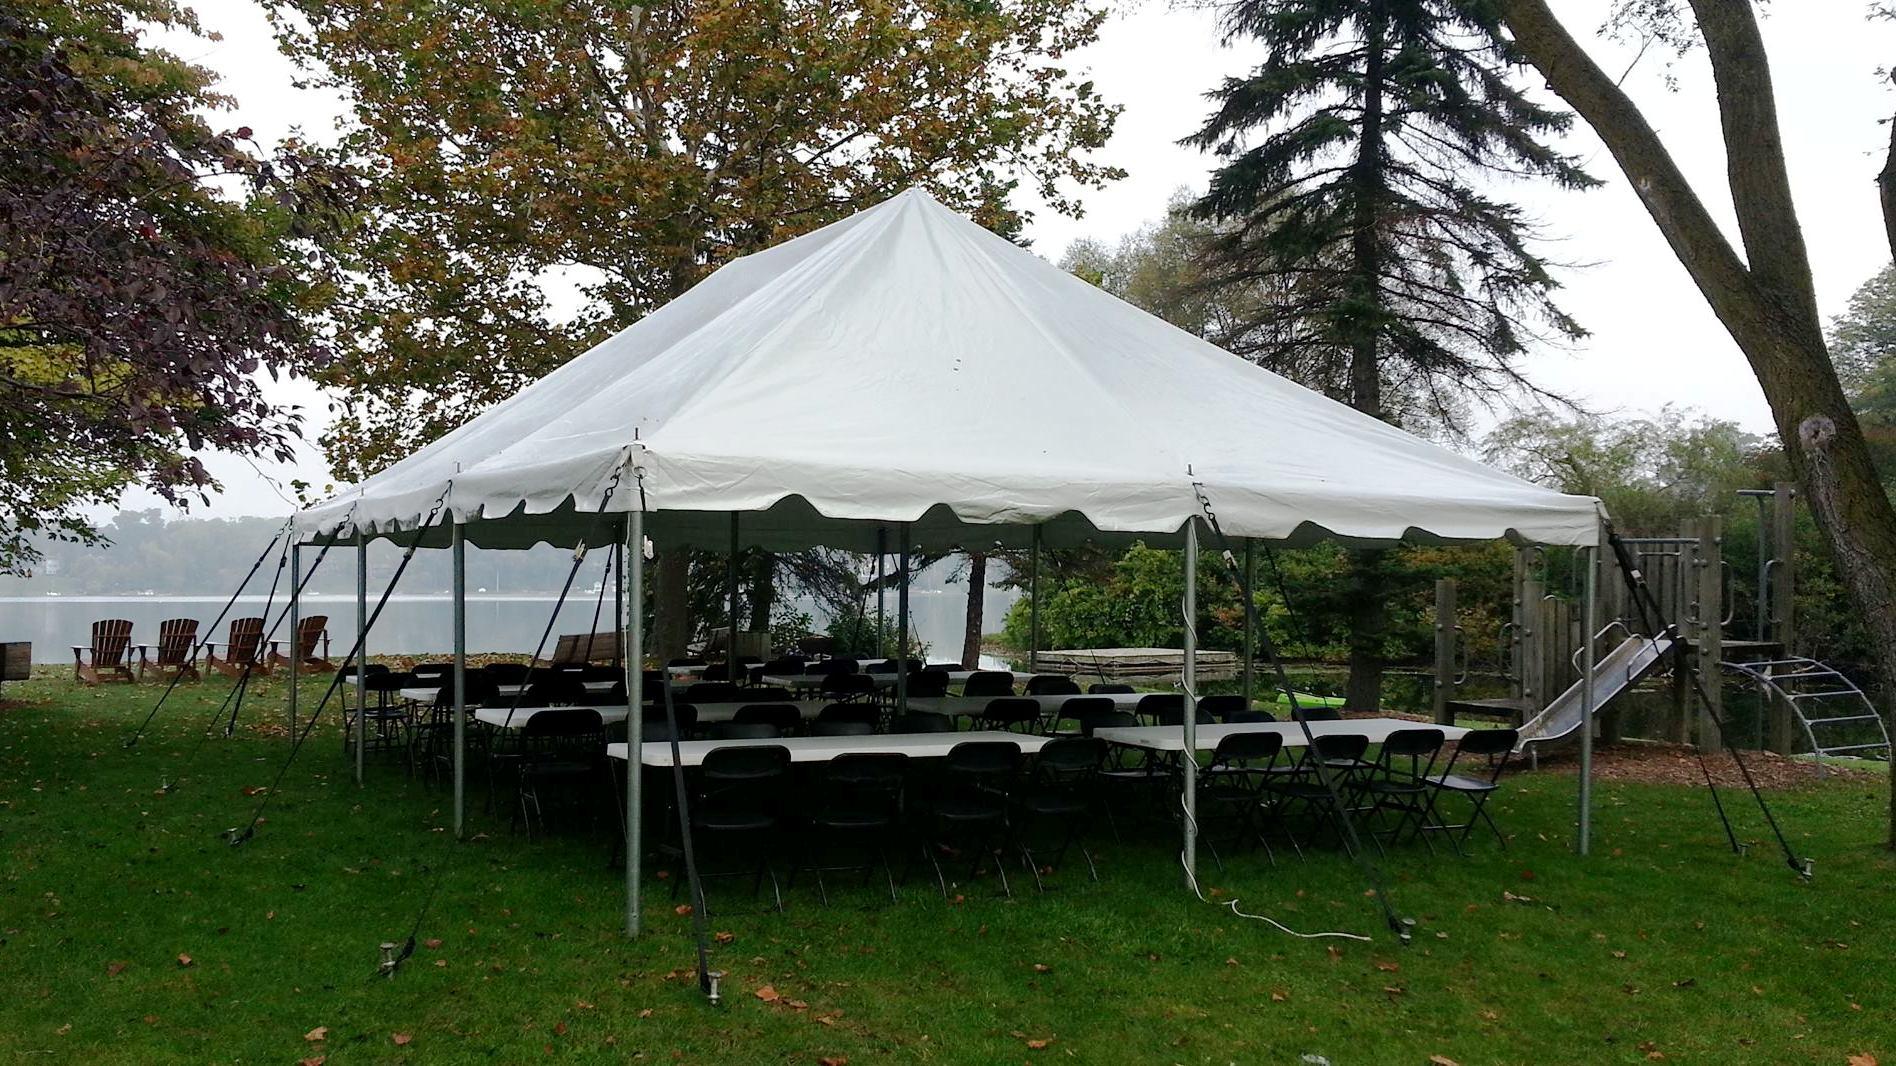 20x30 Pole Tent & Bob Bu0027s Party Rentals - Tents